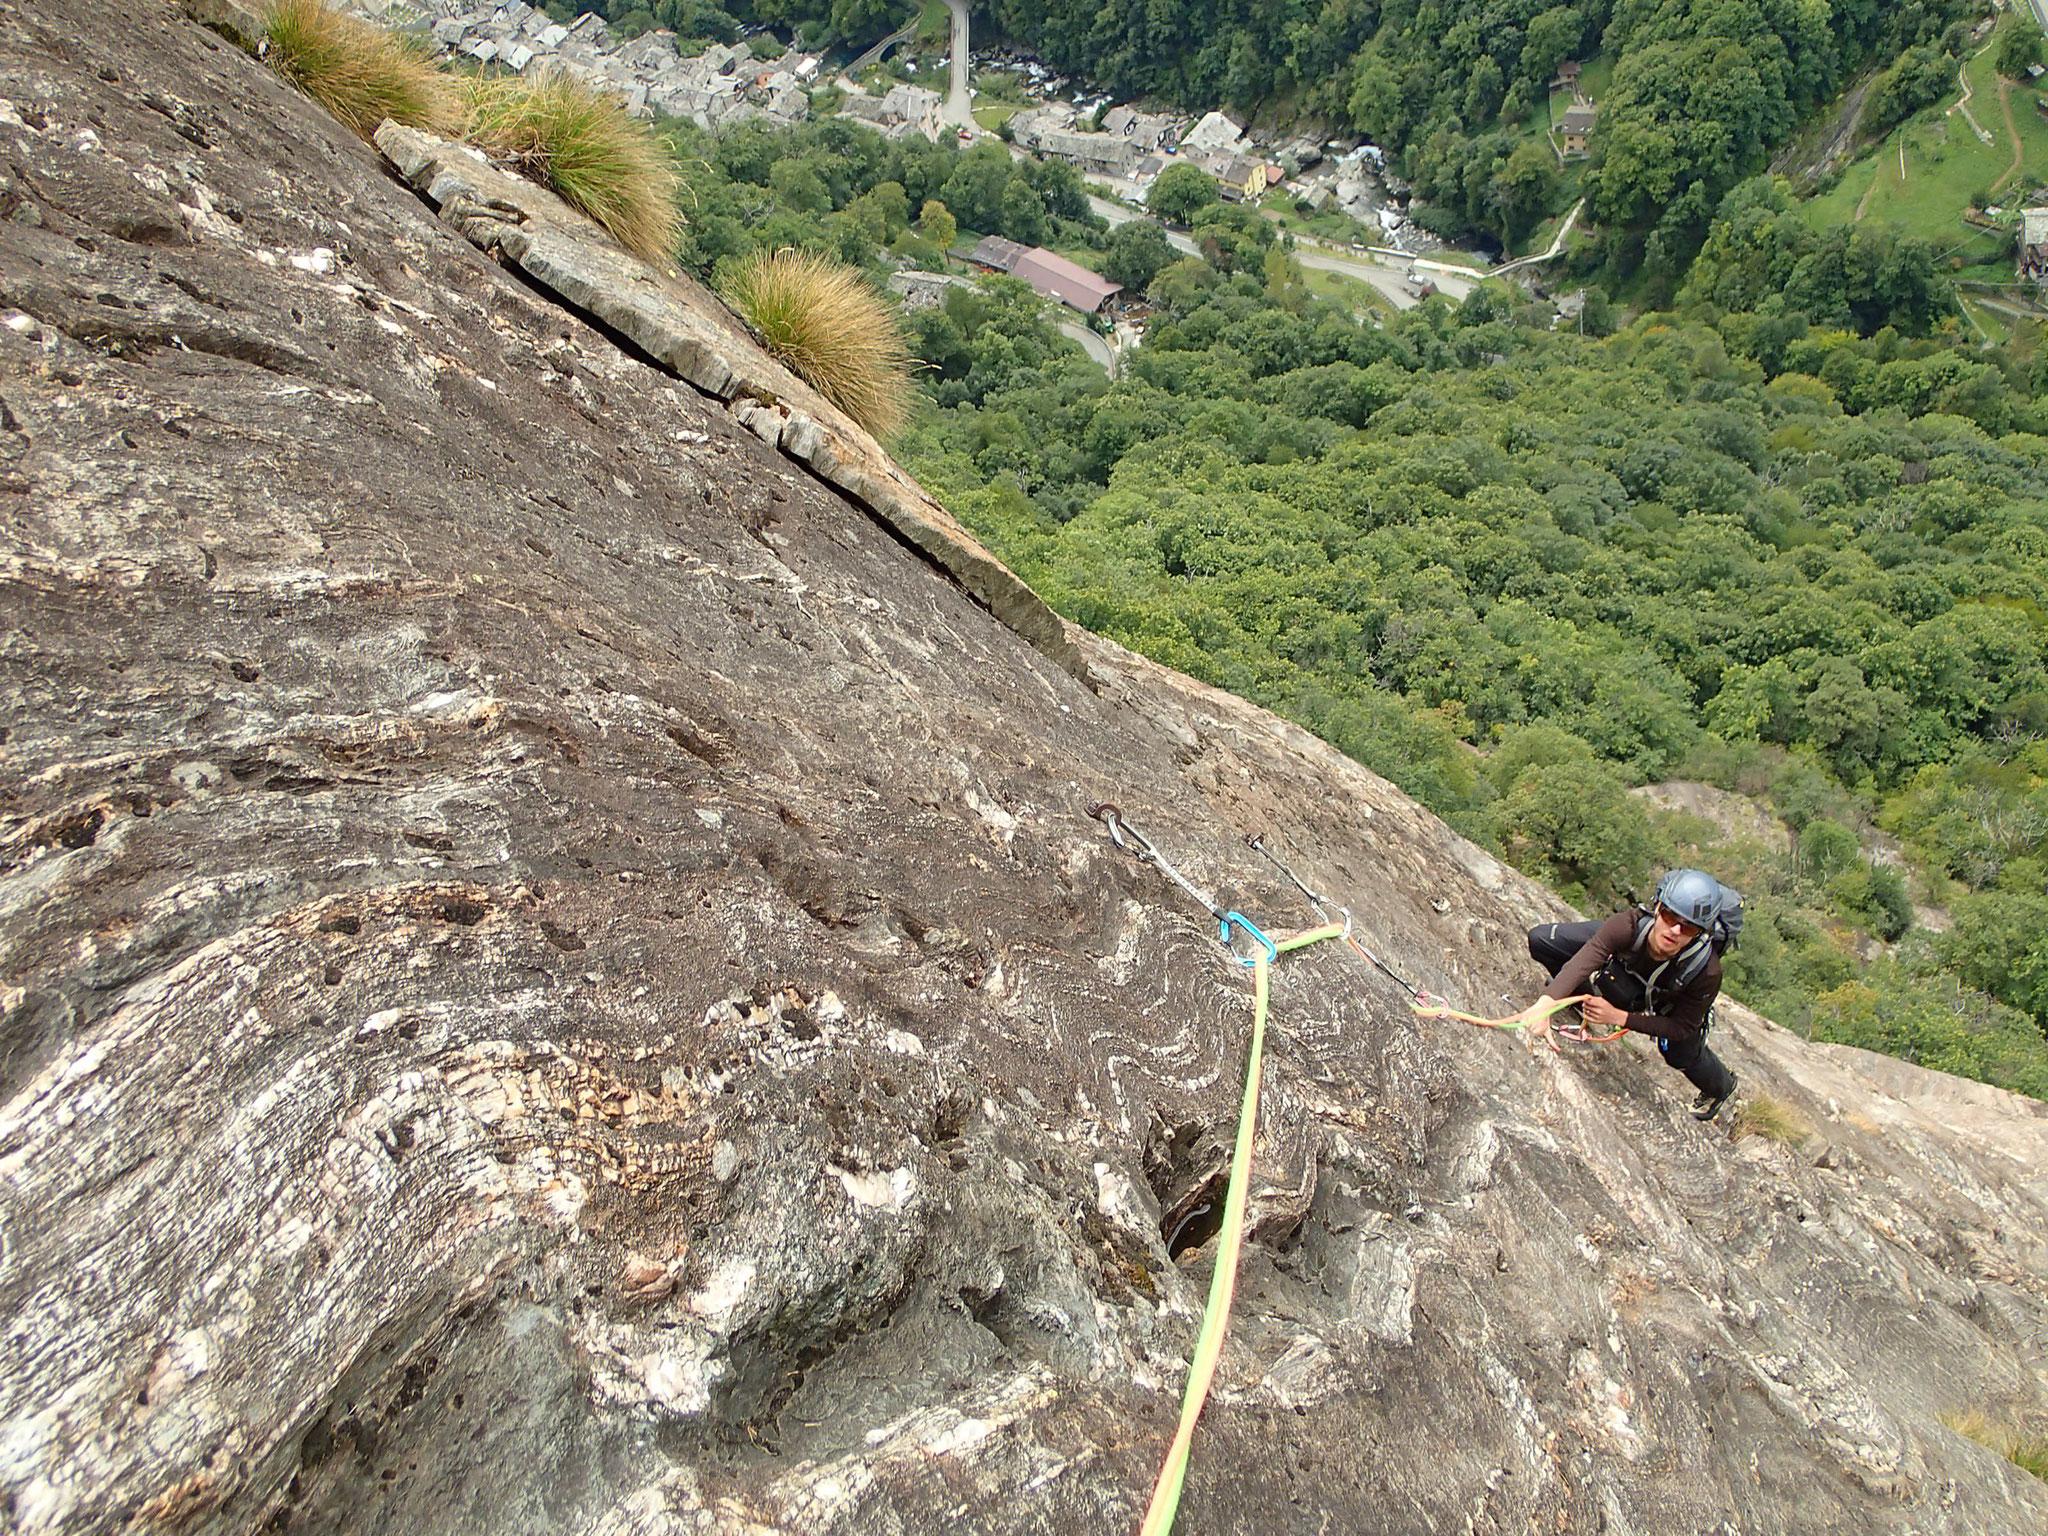 Le rocher est extraordinaire dans cette voie !